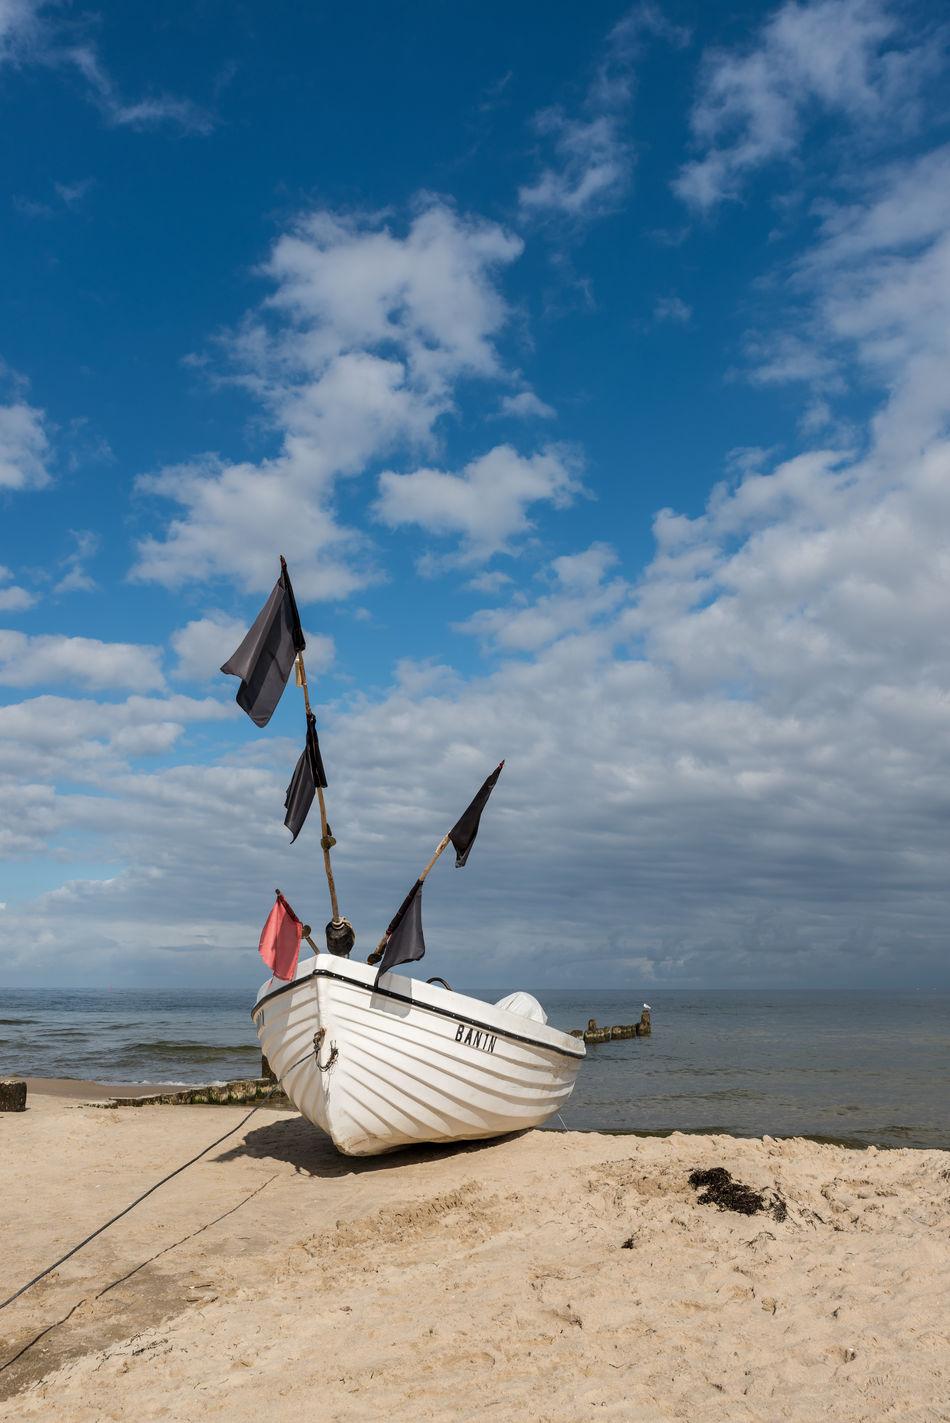 Fischerboot Deutschland Fischen Fischerboot Himmel Horizont  Keine Menschen Mecklenburg-Vorpommern Ostsee Sand See Spätsommer  Strand Ufer Usedom Wasser Wolken